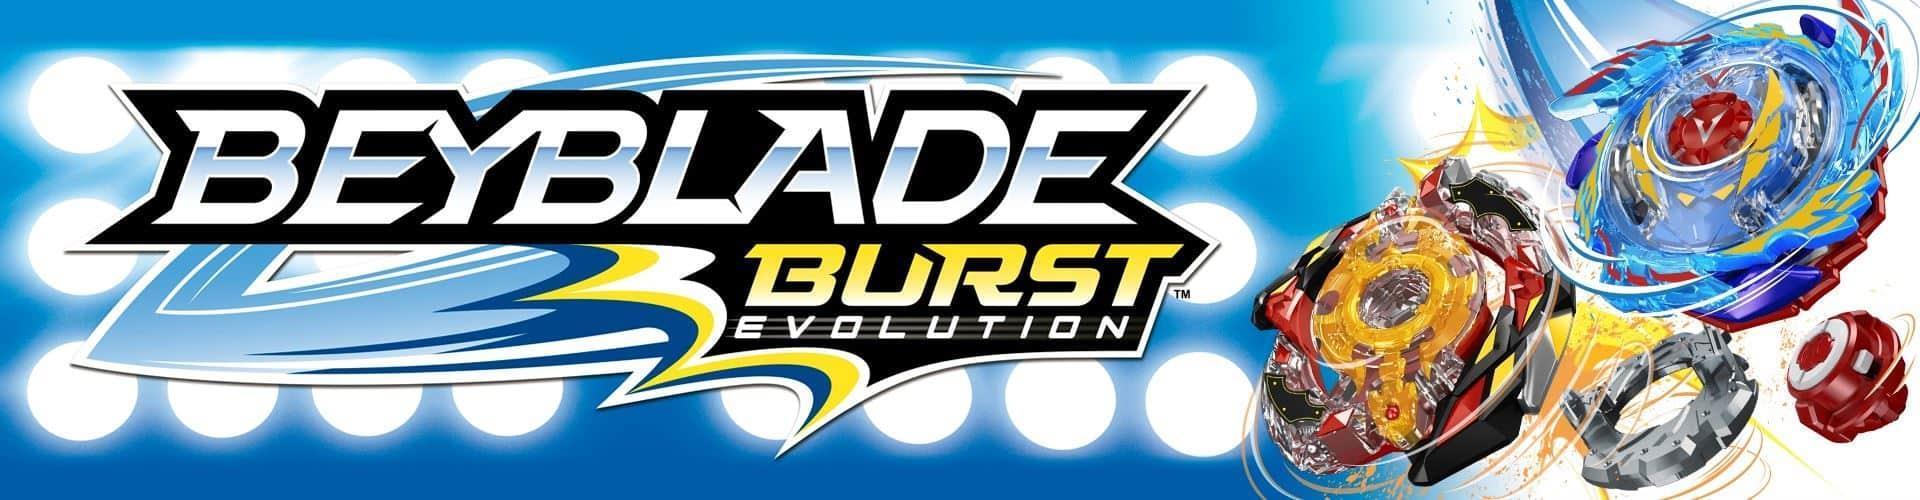 ¡Compra juguetes Beyblade al mejor precio en ToysManiatic!